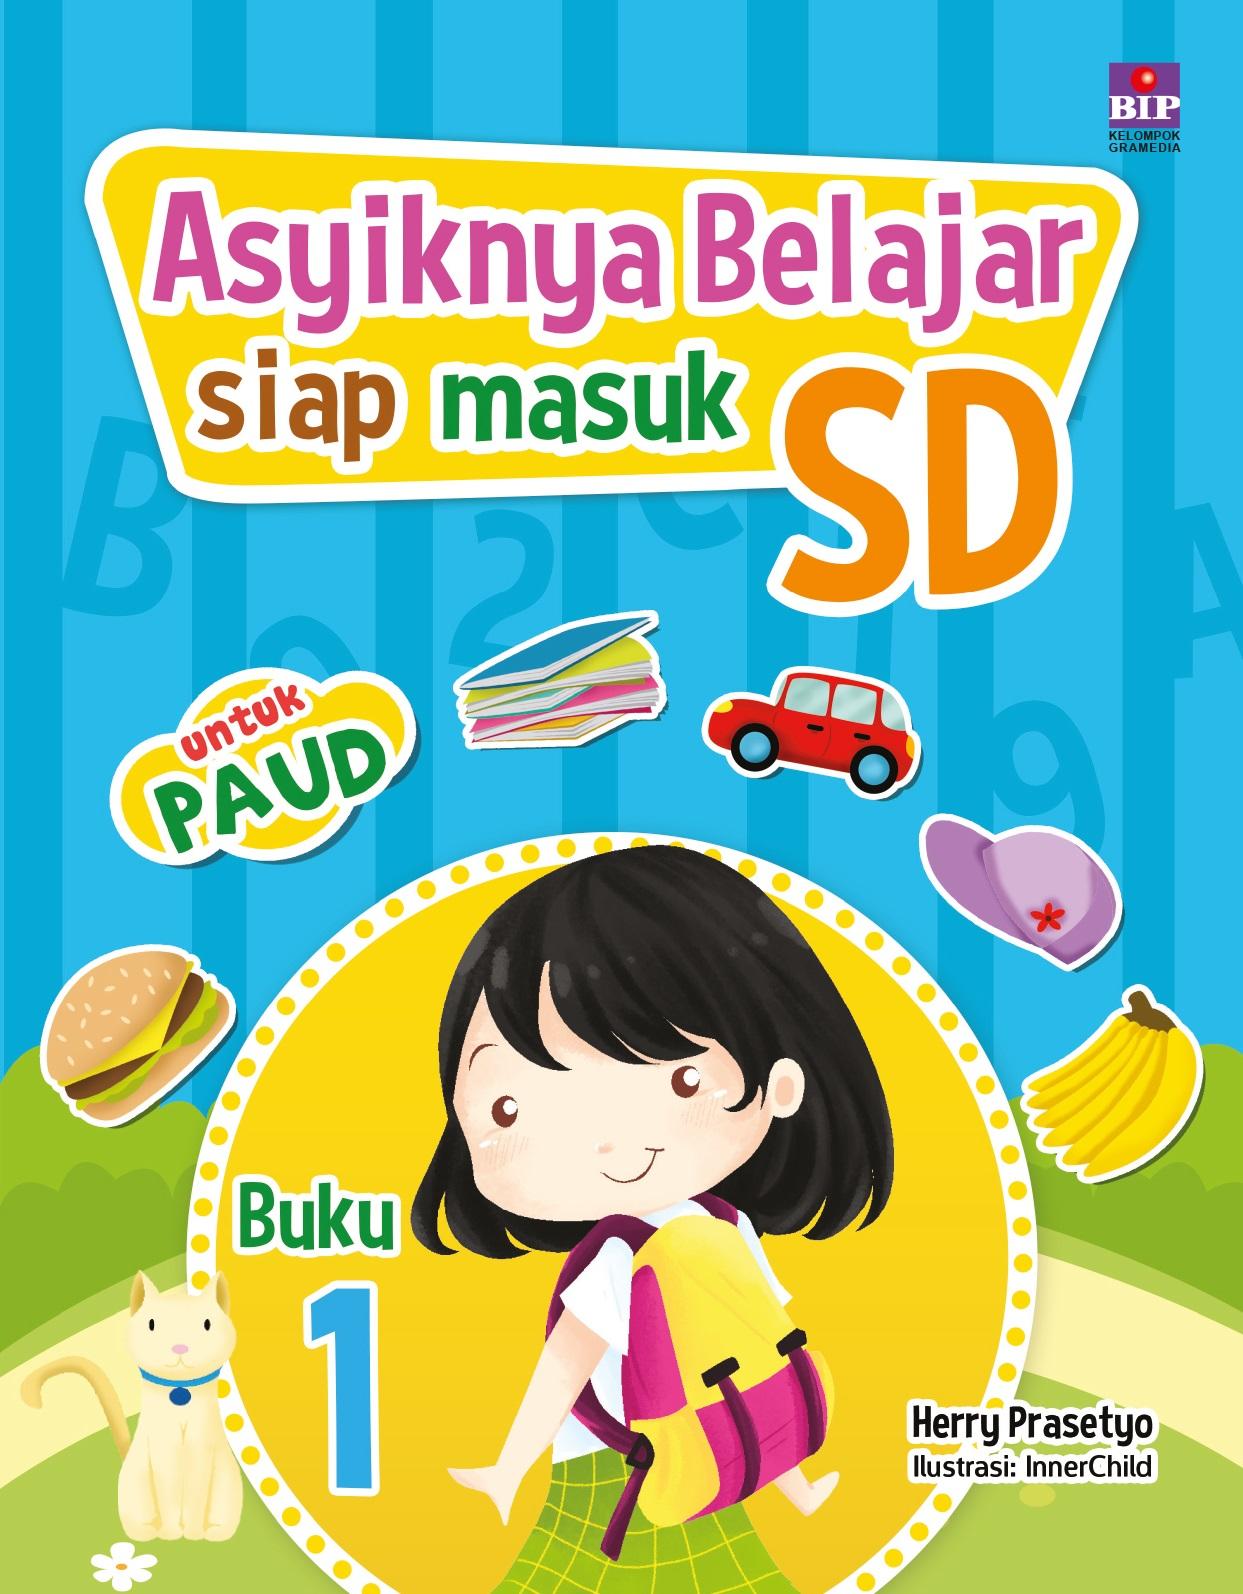 Buku Asyiknya Belajar Siap Masuk SD Buku 1 dimaksudkan untuk menanamkan ilmu membaca menulis dan berhitung sejak dini Soal soal yang disajikan dirancang